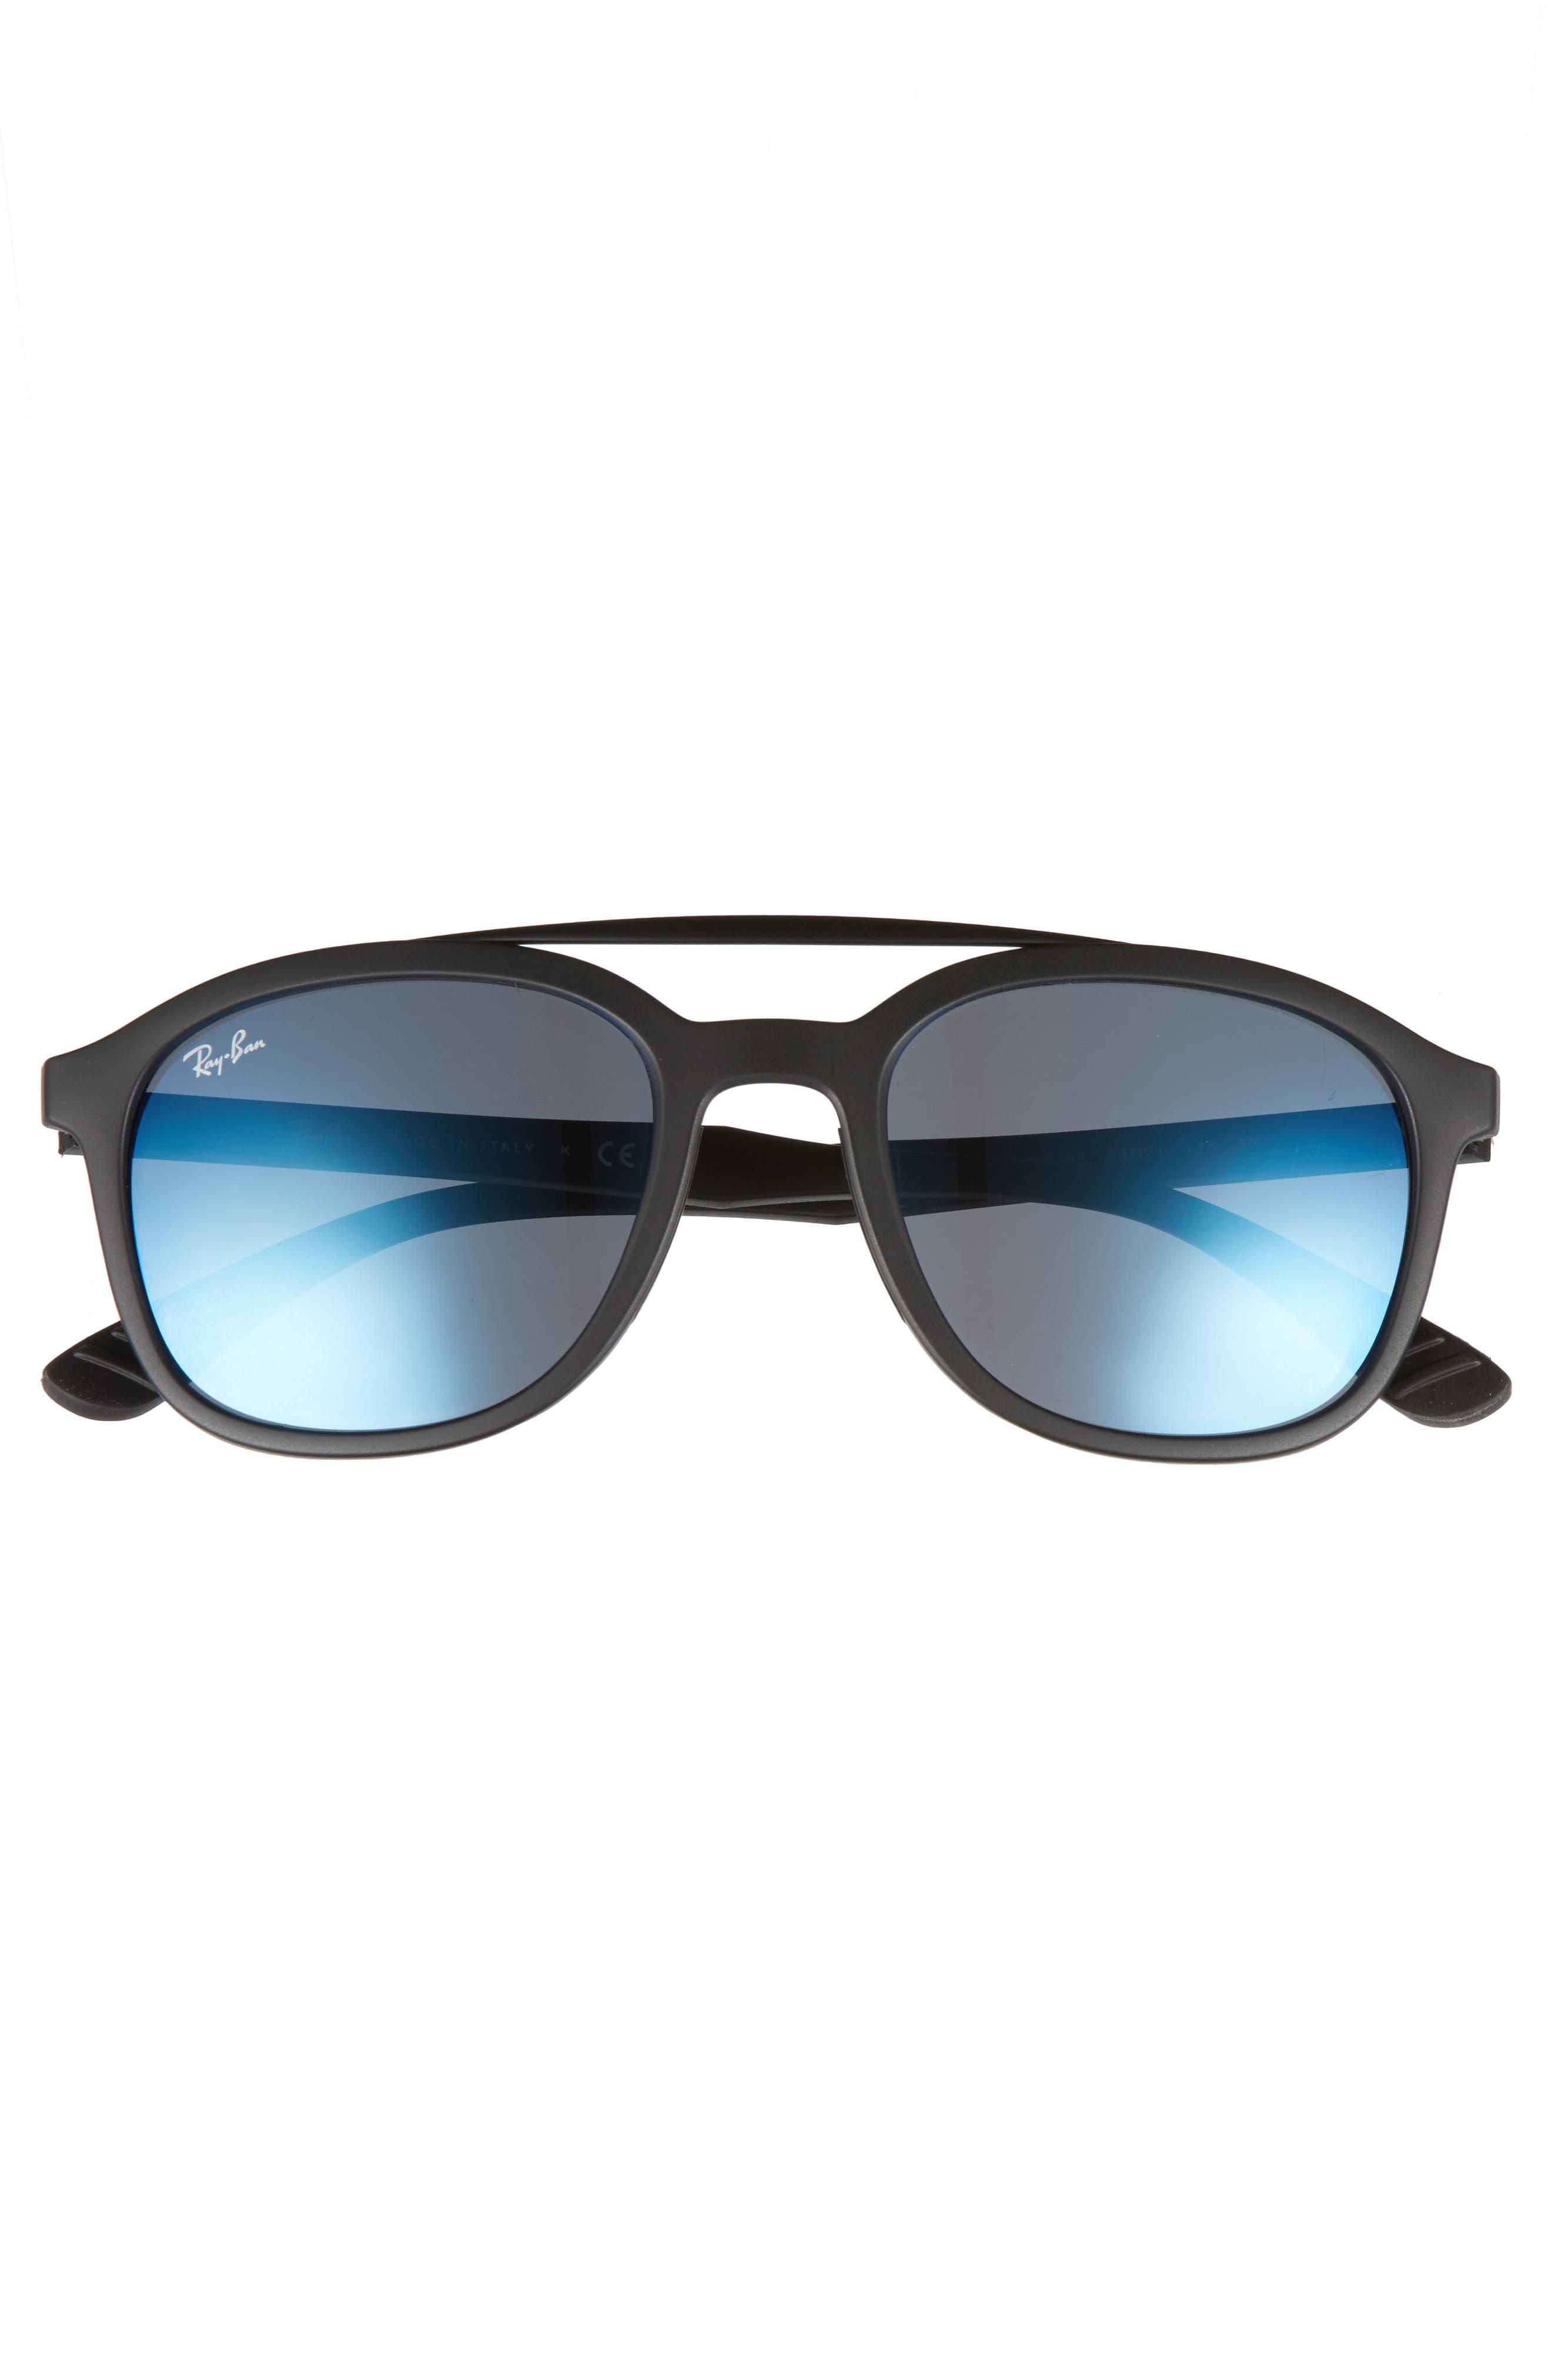 Active Lifestyle 53mm Sunglasses,                             Alternate thumbnail 2, color,                             BLACK/ BLUE